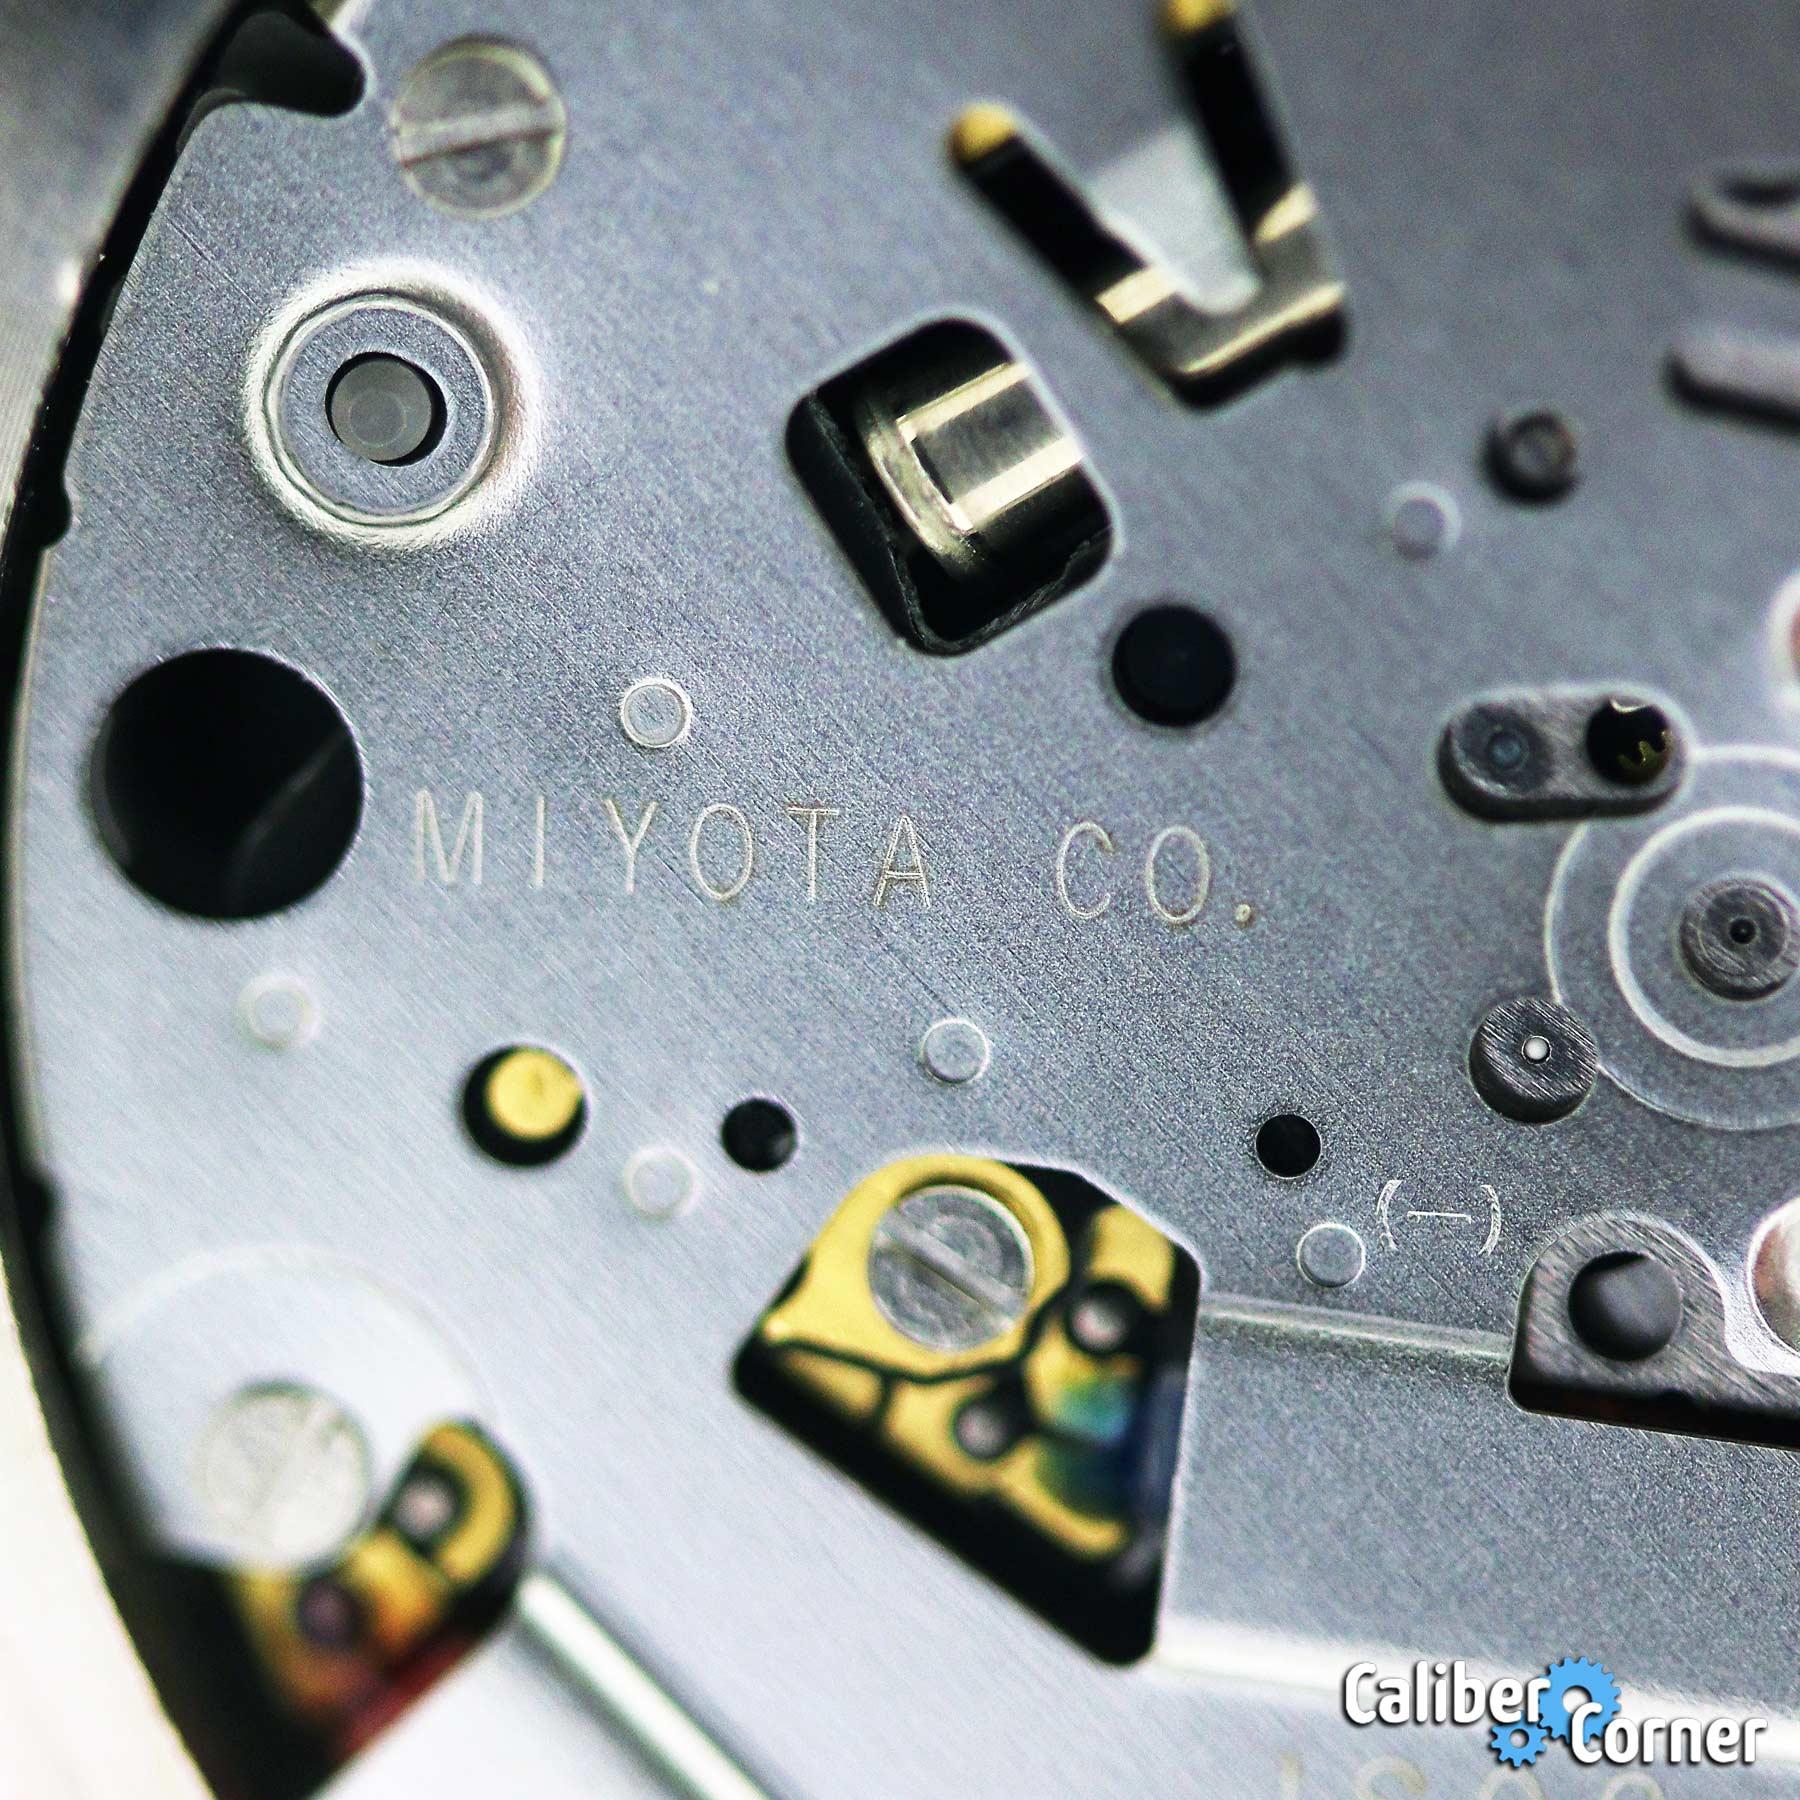 Miyota Js06 Macro